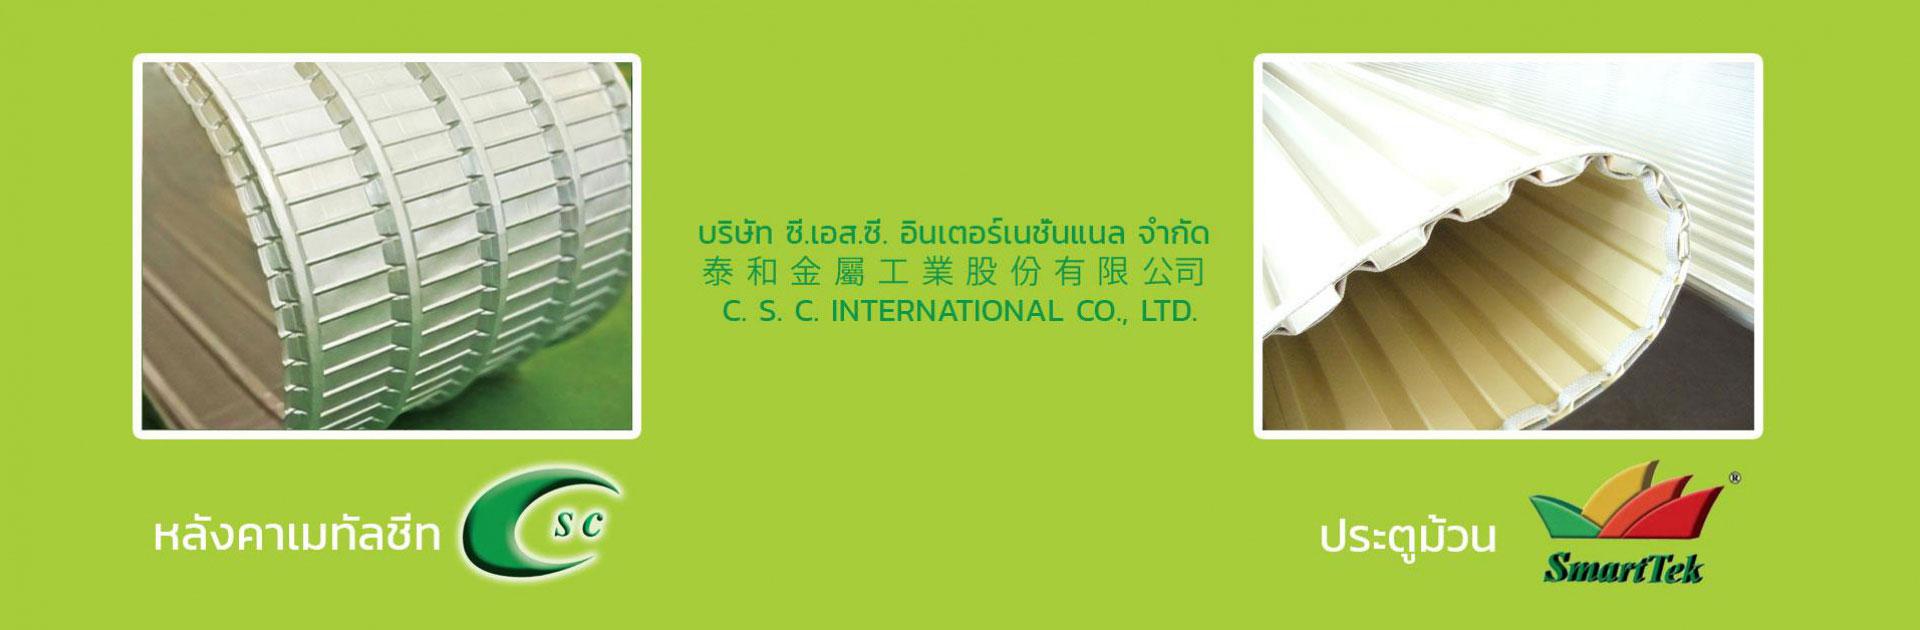 Banner-csc-1